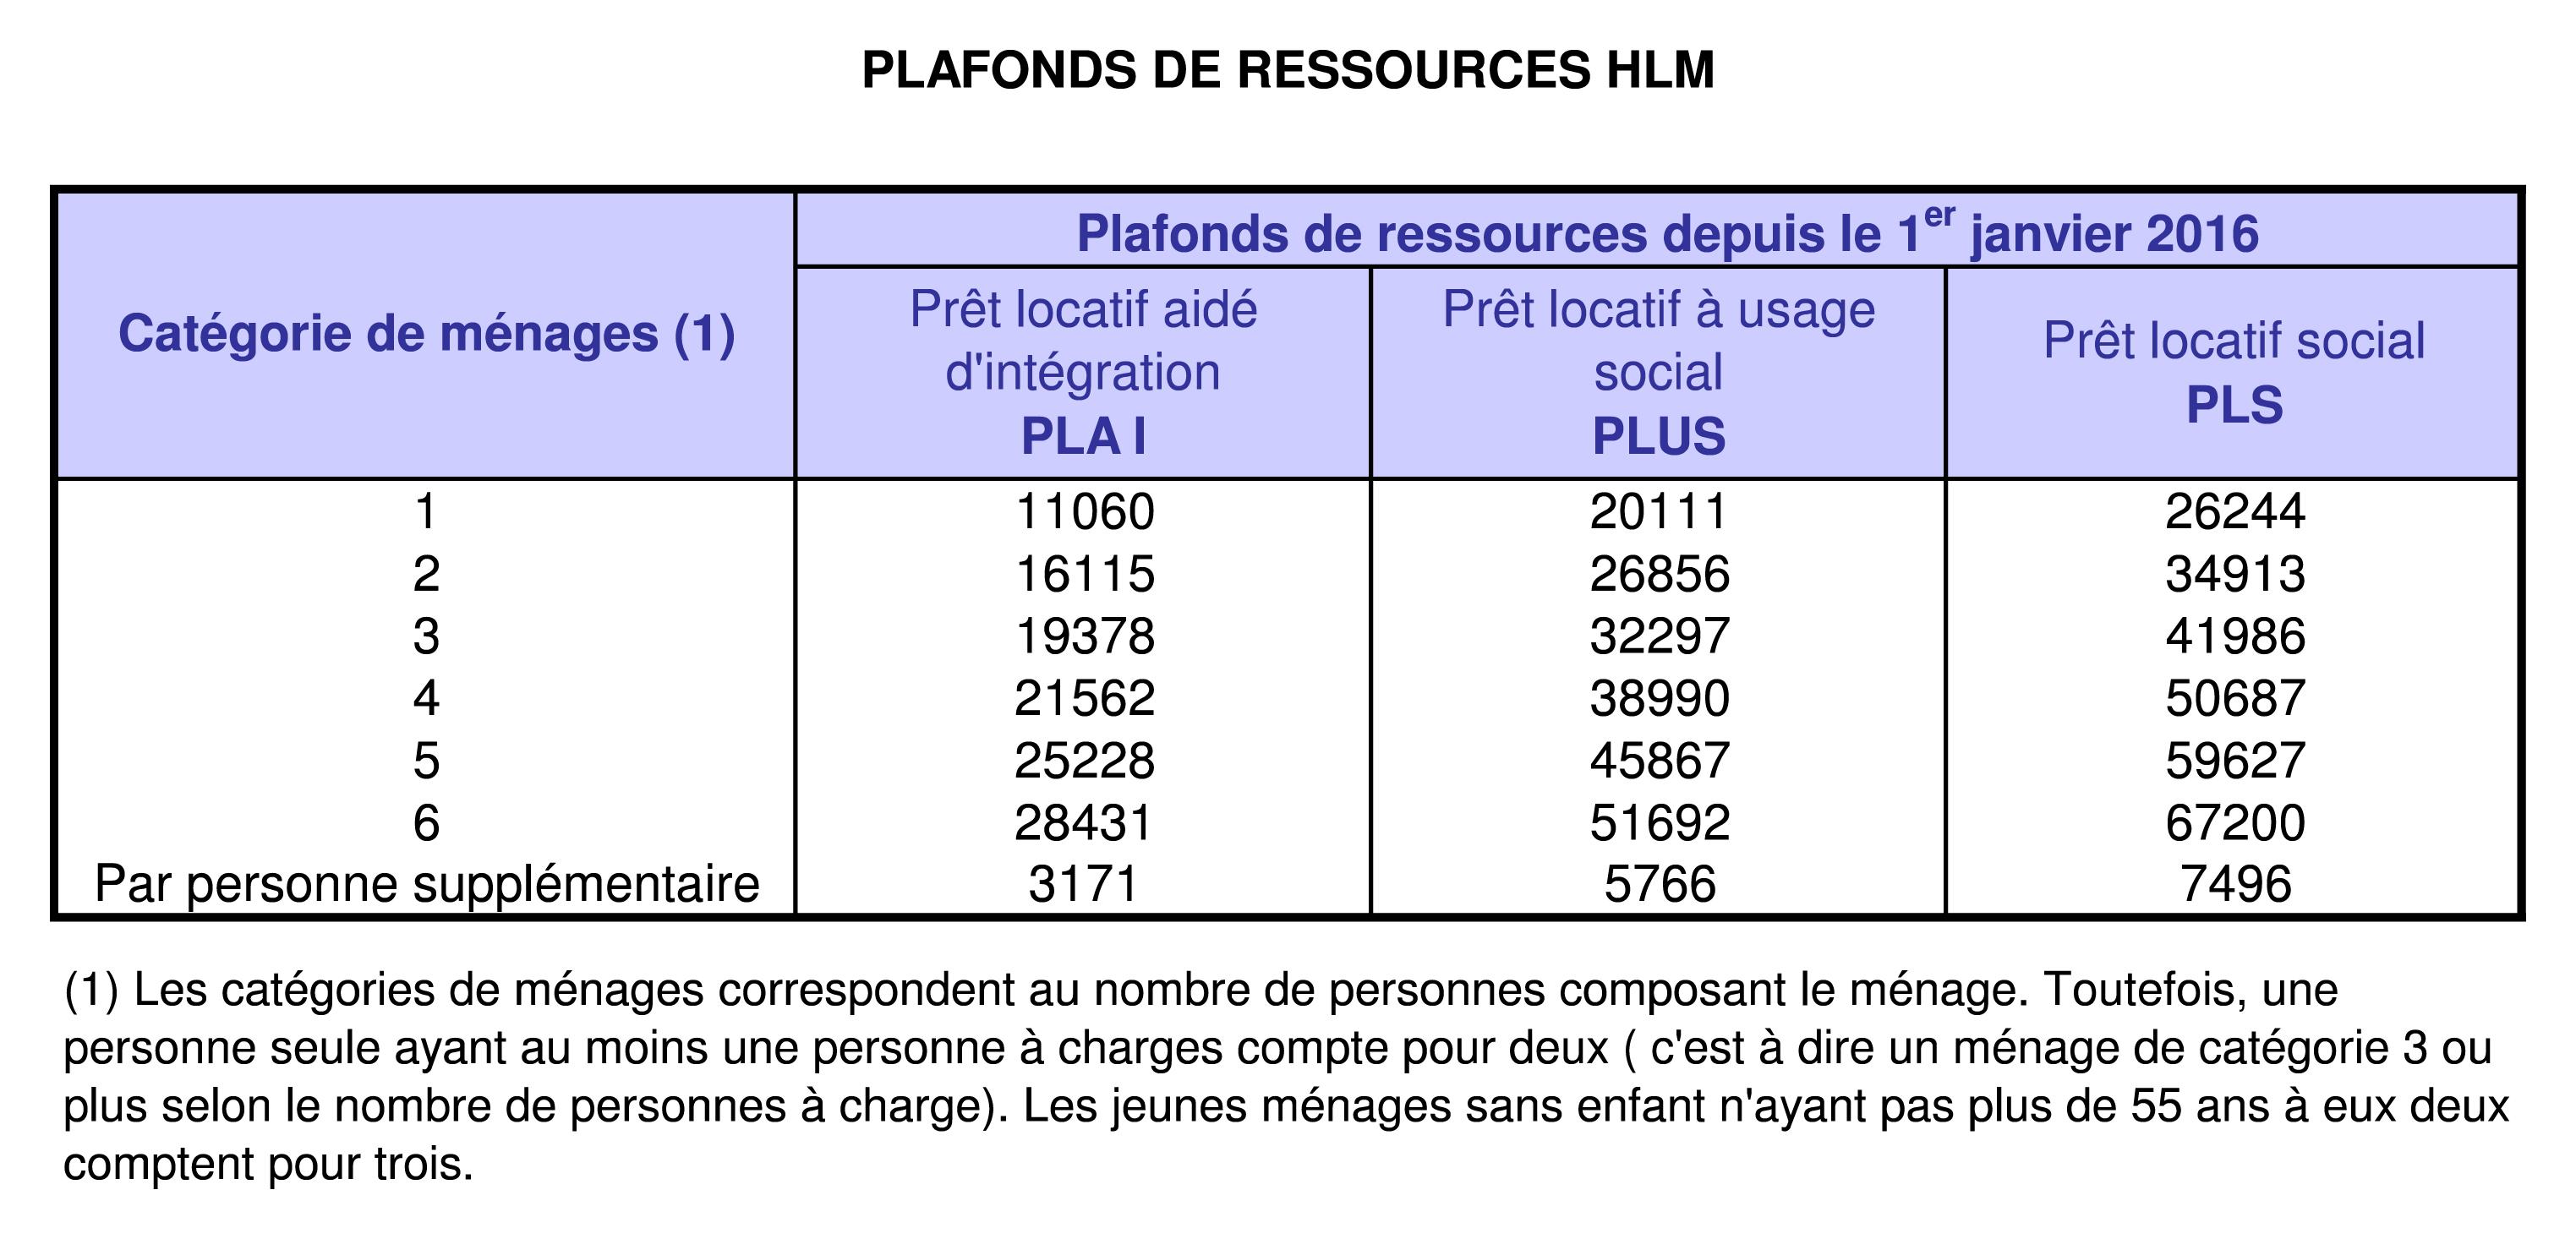 Les plafonds de ressources pour acc s un logement hlm - Plafond ressources allocation logement ...